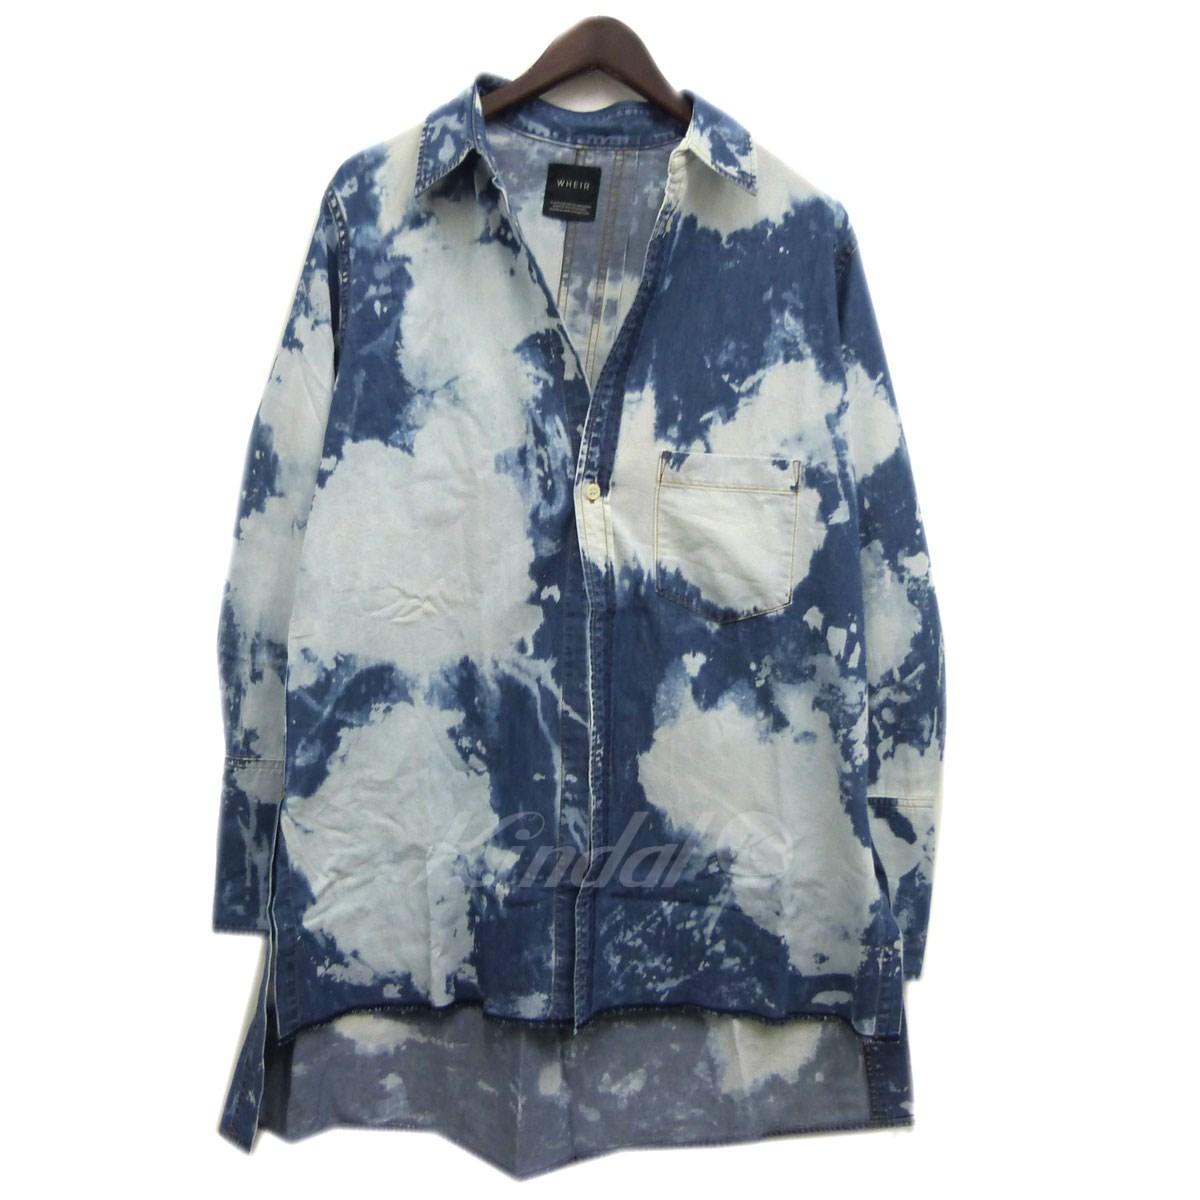 【中古】WHEIR Bobson 18SS ブリーチ加工ロングデニムシャツ インディゴ サイズ:M 【送料無料】 【201018】(ウェアボブソン)